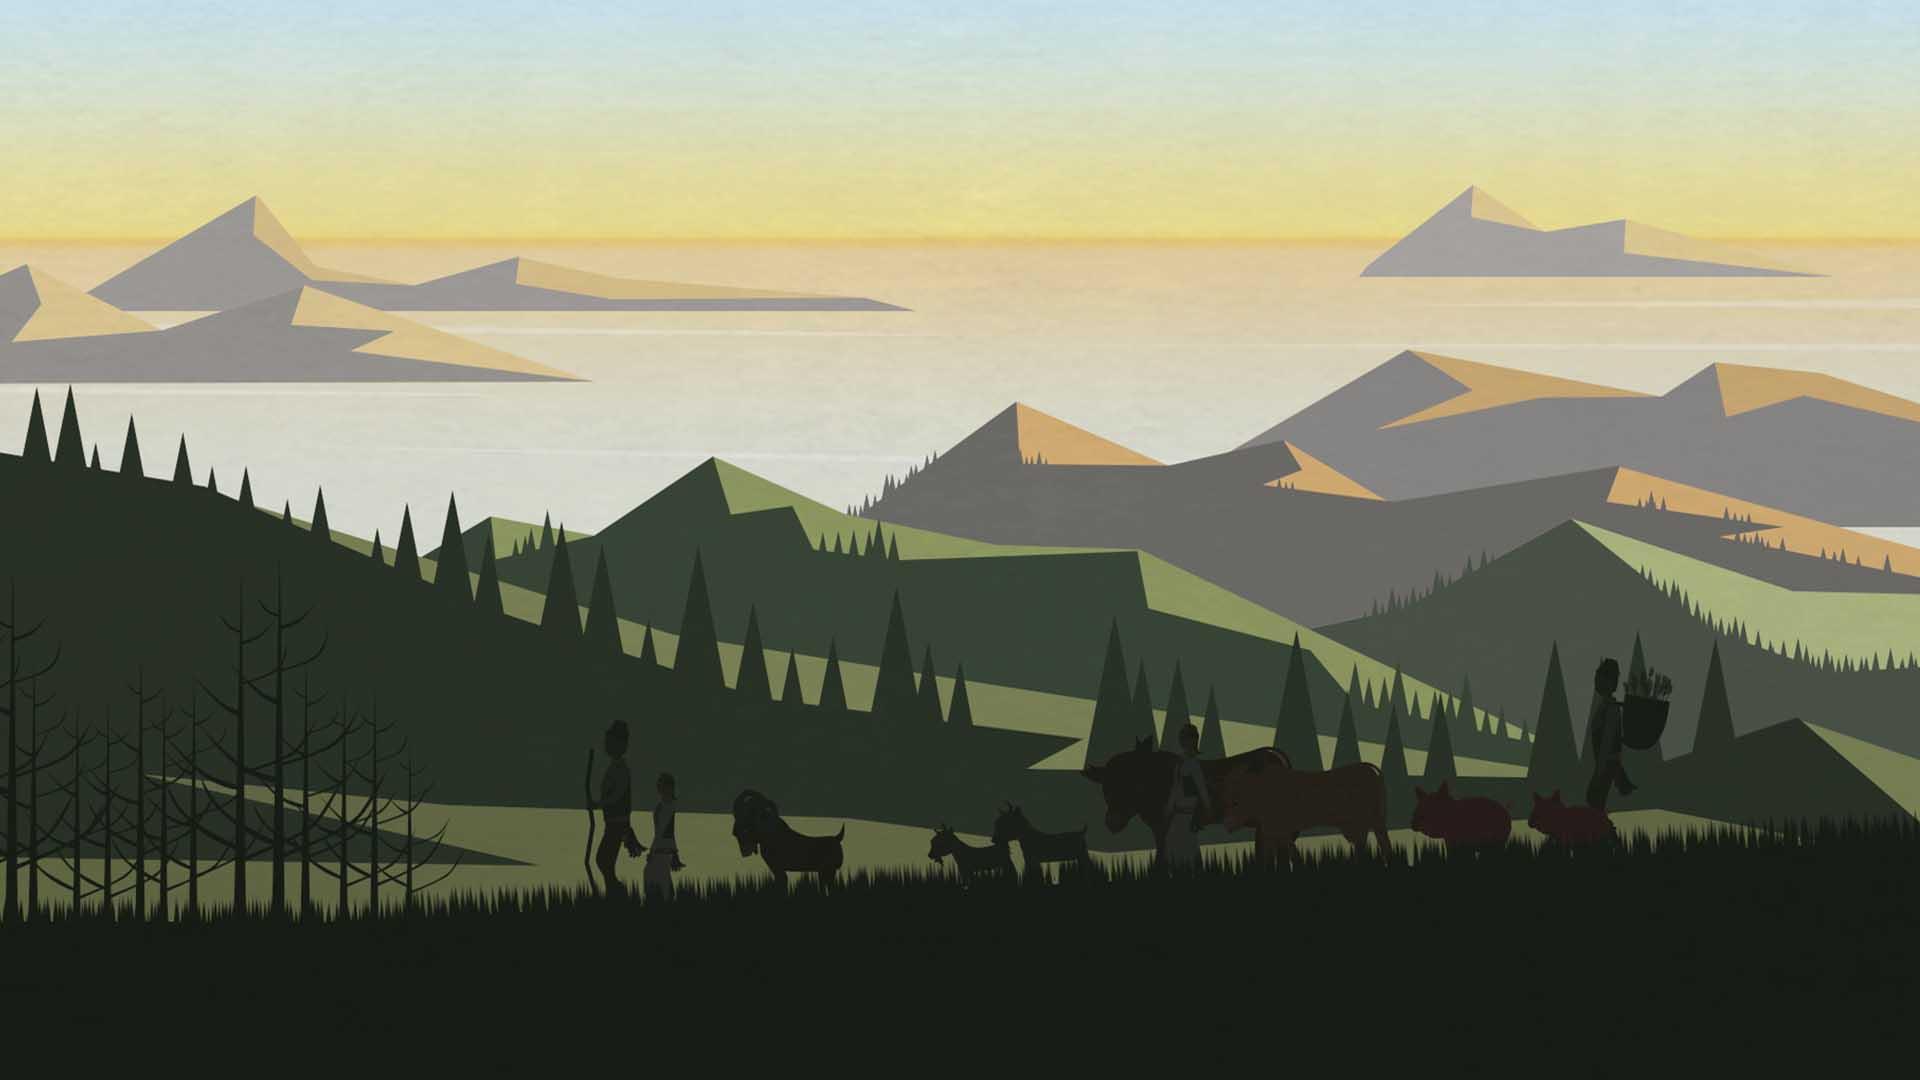 Das Bild zeigt Wälder und Berge. Am Horizont spiegelt sich der Sonnenuntergang im Meer. Im Vordergrund des Bildes werden Menschen von einer Herde Tiere begleitet. Das Bild dient als Sliderbild für den Portfolioeintrag Region Passau Comics Mitmachstation von Panda Pictures.